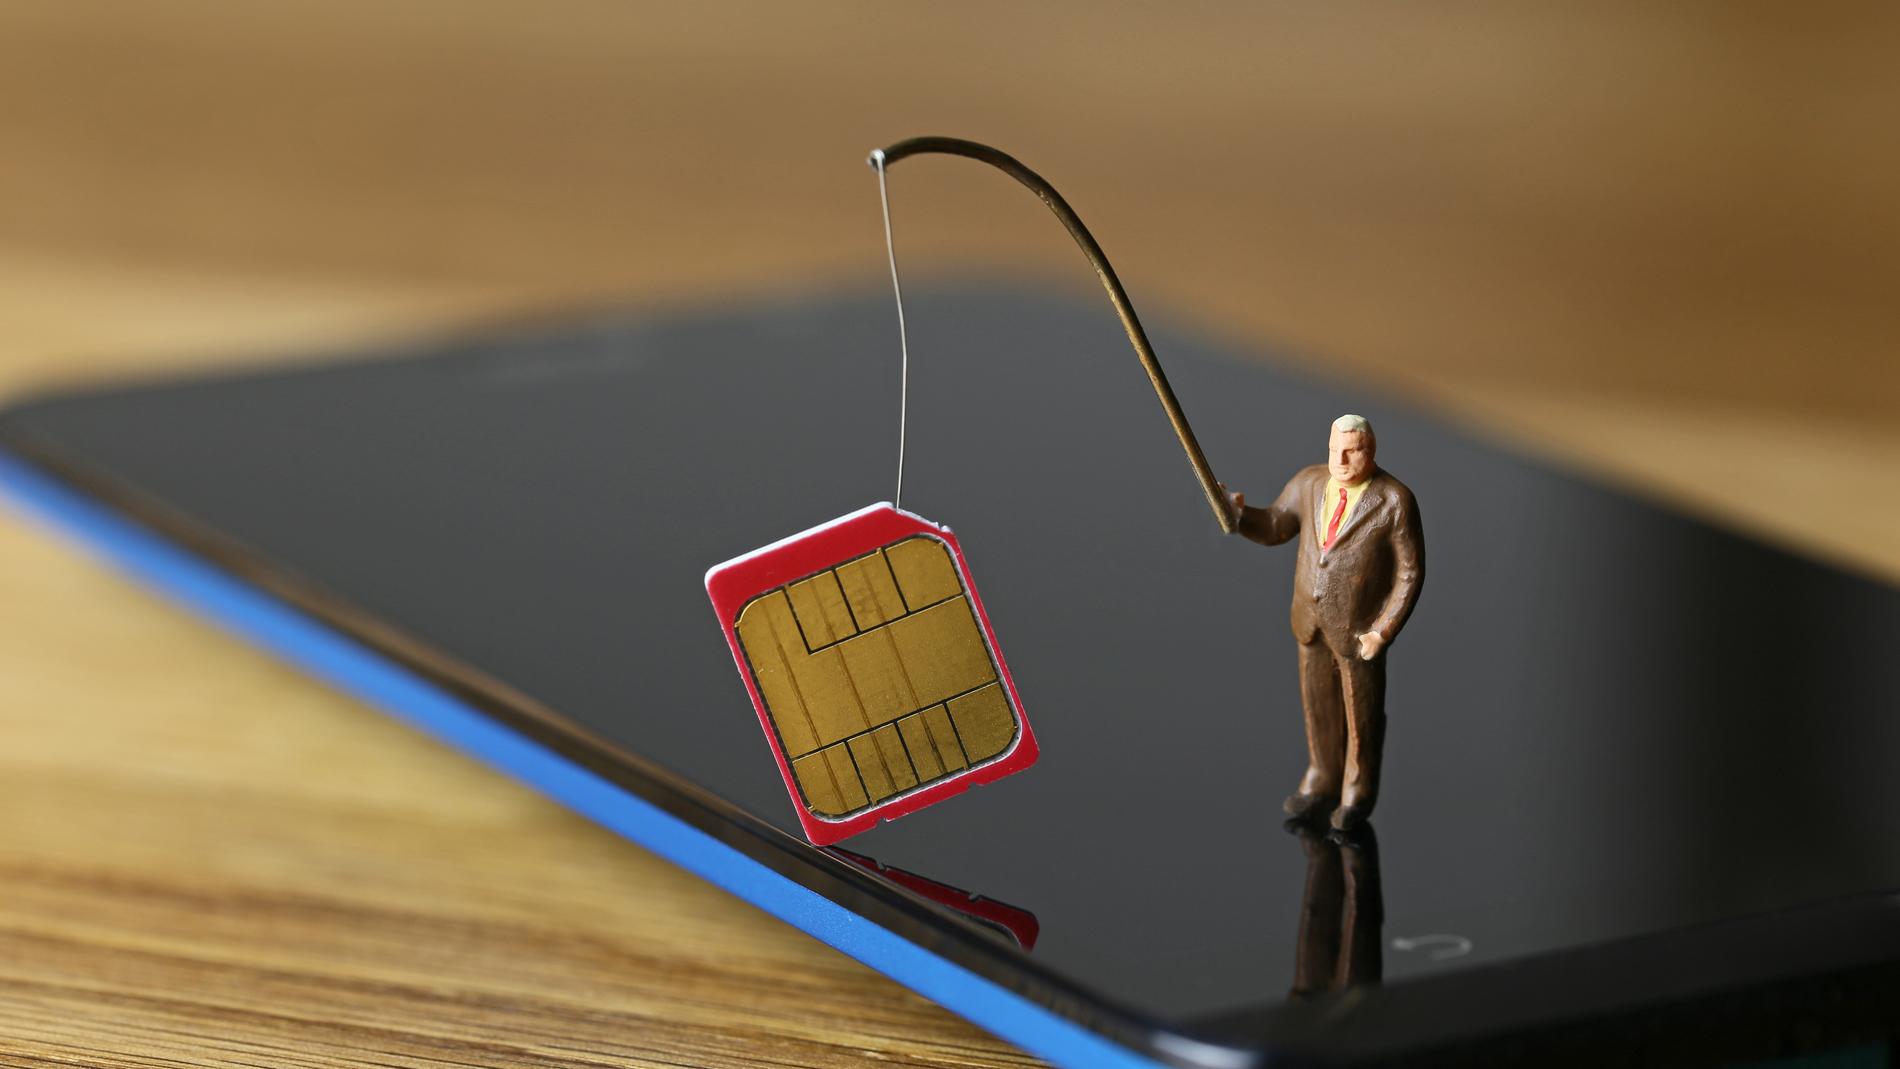 Если оставить сим-карту без присмотра, можно лишиться всех денег в банке, защищены от этого способа взлома единицы